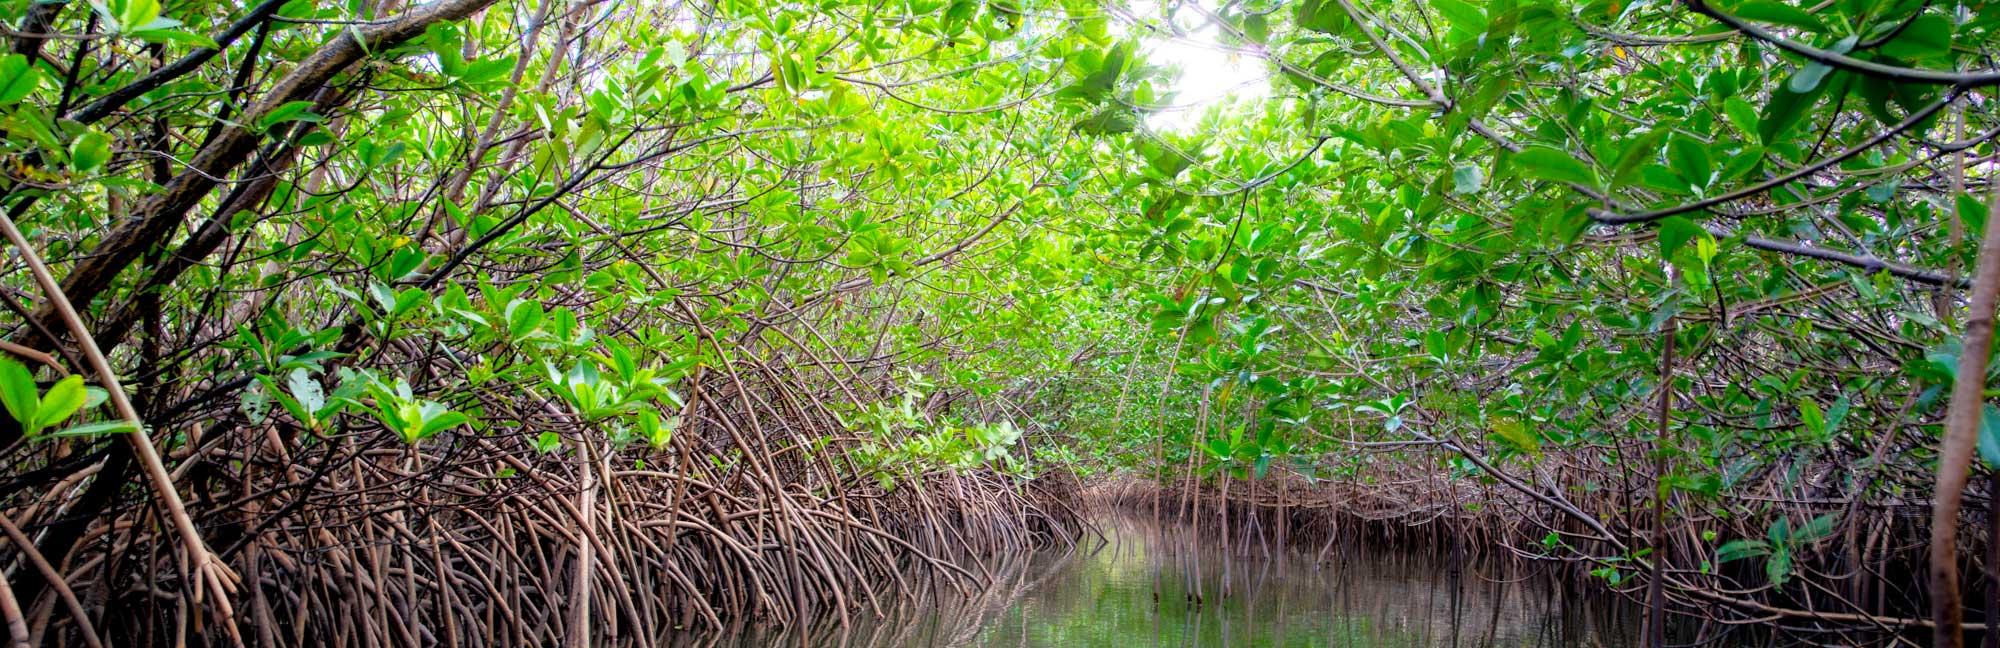 A mangrove in Juniper Inlet